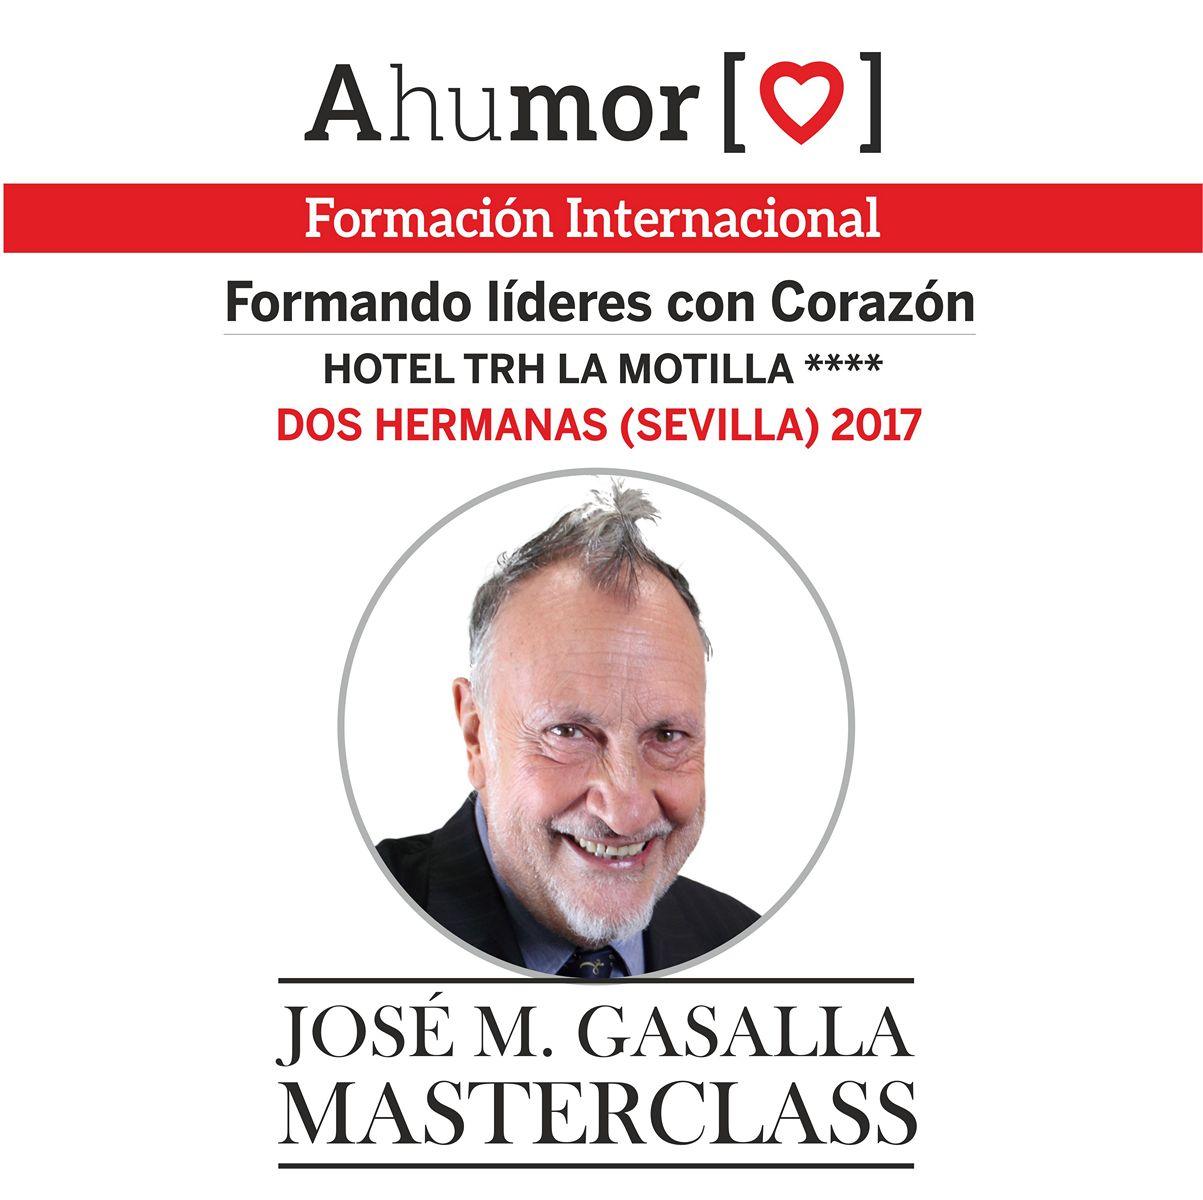 Image Face Jose Maria Gasalla